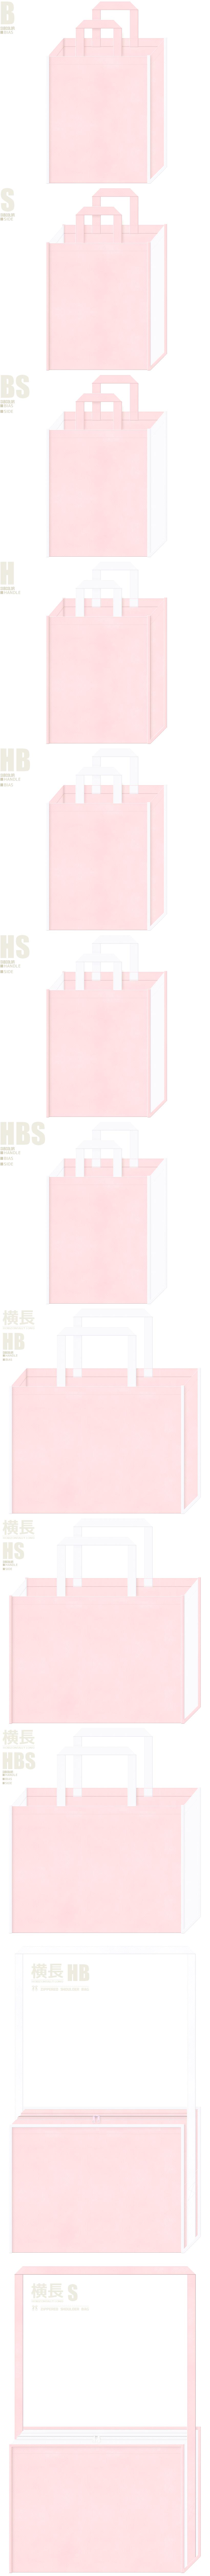 病院・医療・衛生用品のイメージにお奨めの不織布バッグデザイン:桜色と白色の配色7パターン。